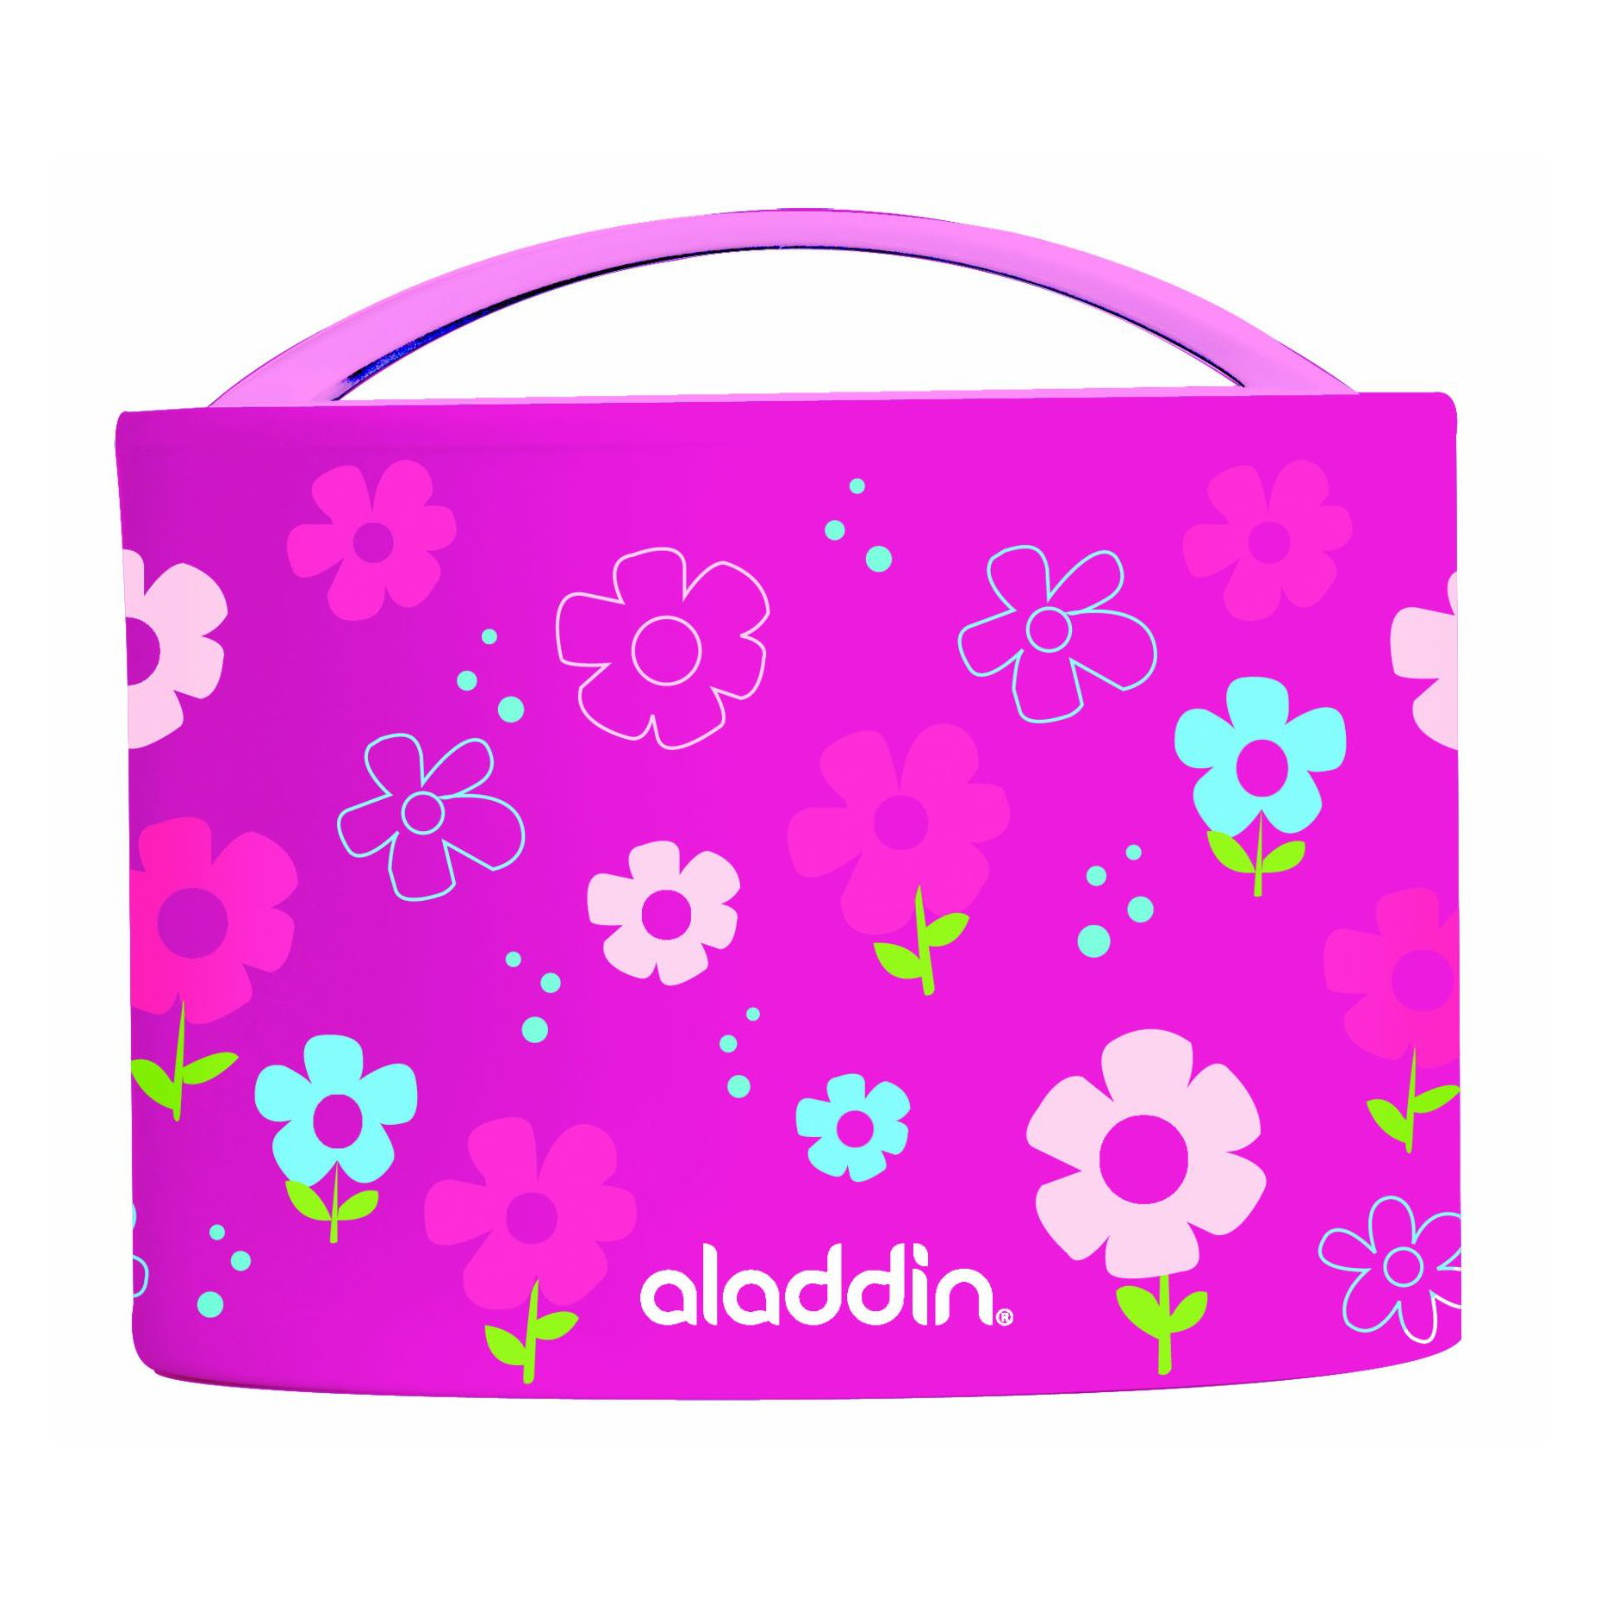 lunch box childrens pattern insulated bento aladdin design safe pink 0 6l ebay. Black Bedroom Furniture Sets. Home Design Ideas